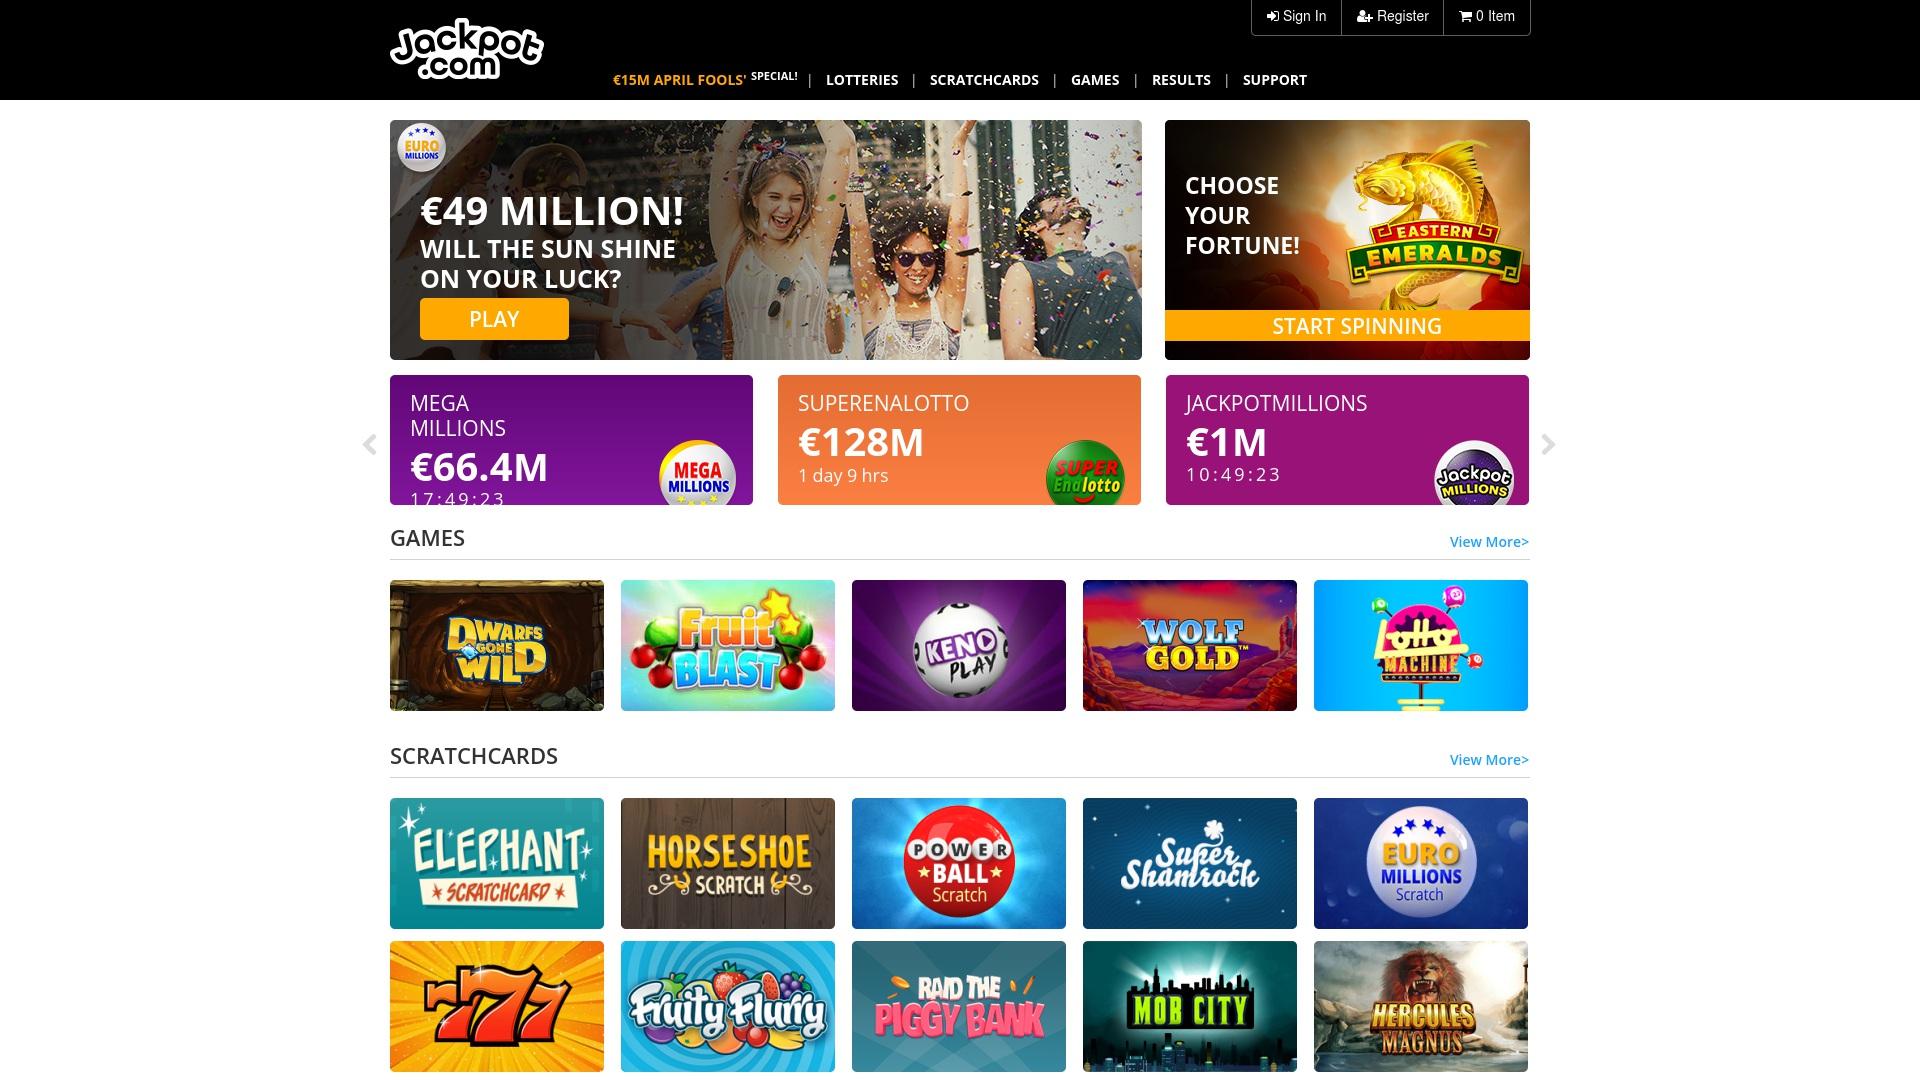 Gutschein für Jackpot: Rabatte für  Jackpot sichern